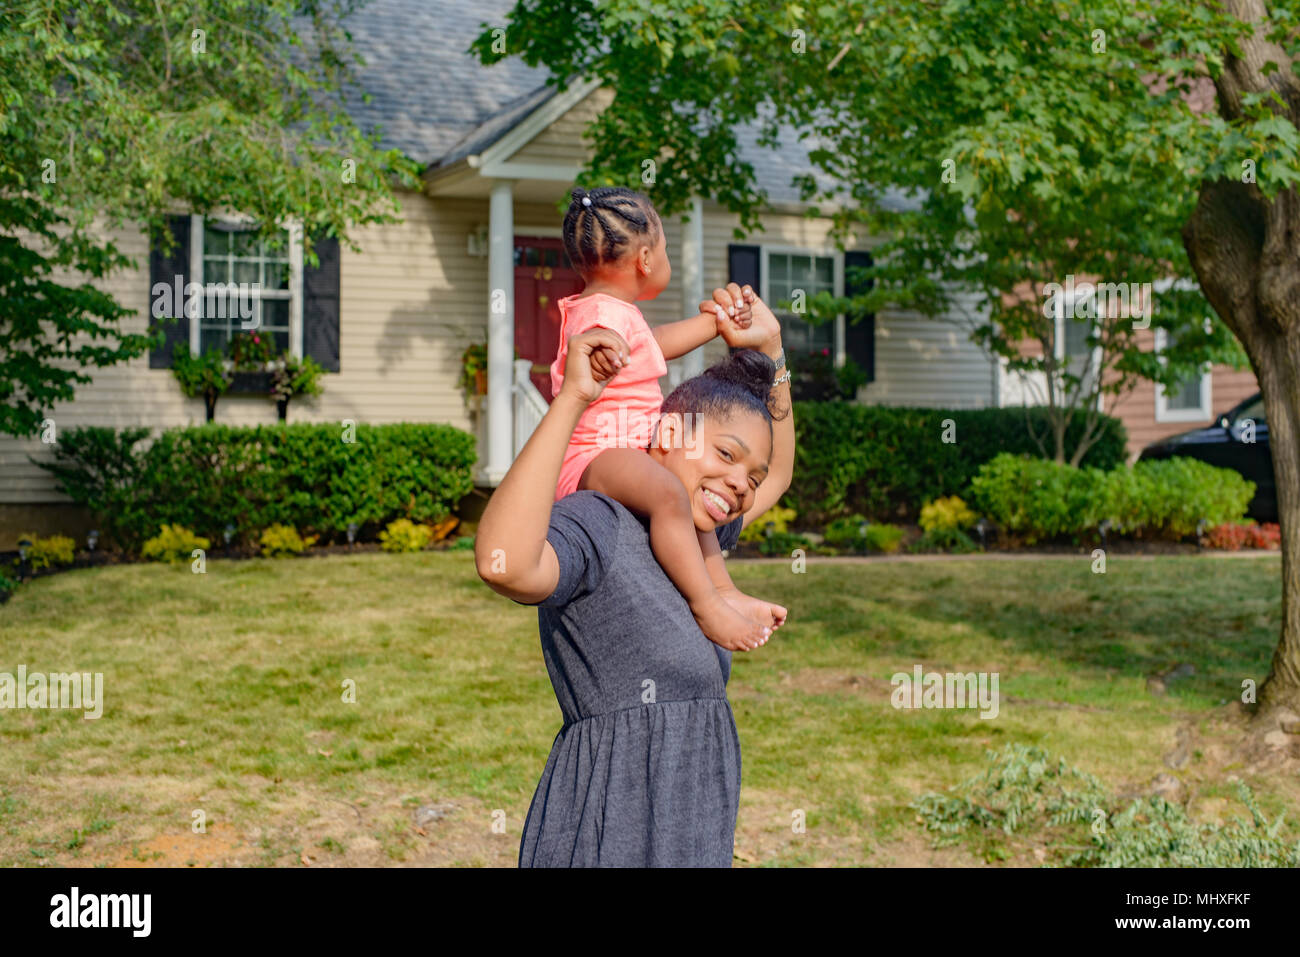 Metà donna adulta in giardino bambino portando figlia sulle spalle, ritratto Immagini Stock